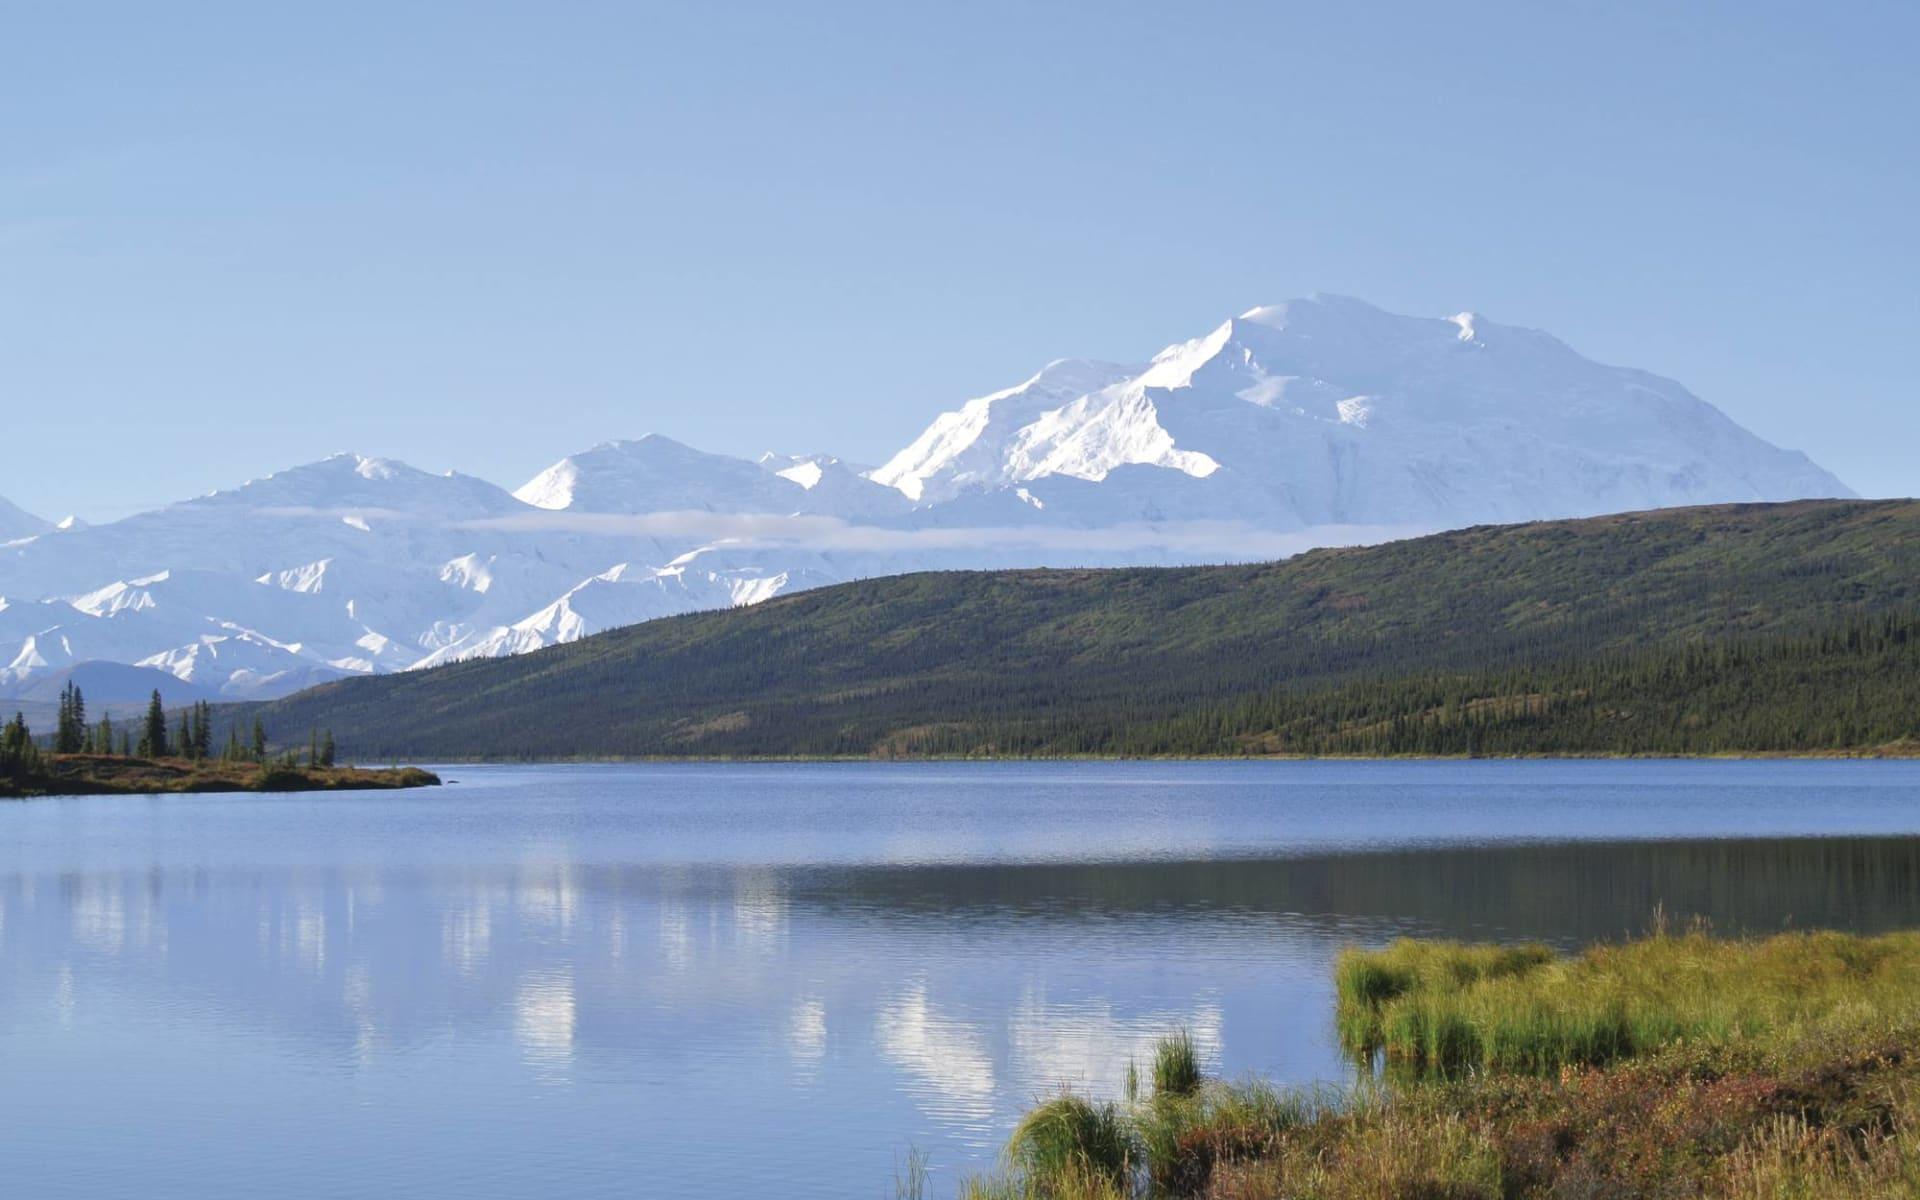 Höhepunkte des Nordens ab Anchorage: Alaska - Denali Nationalpark